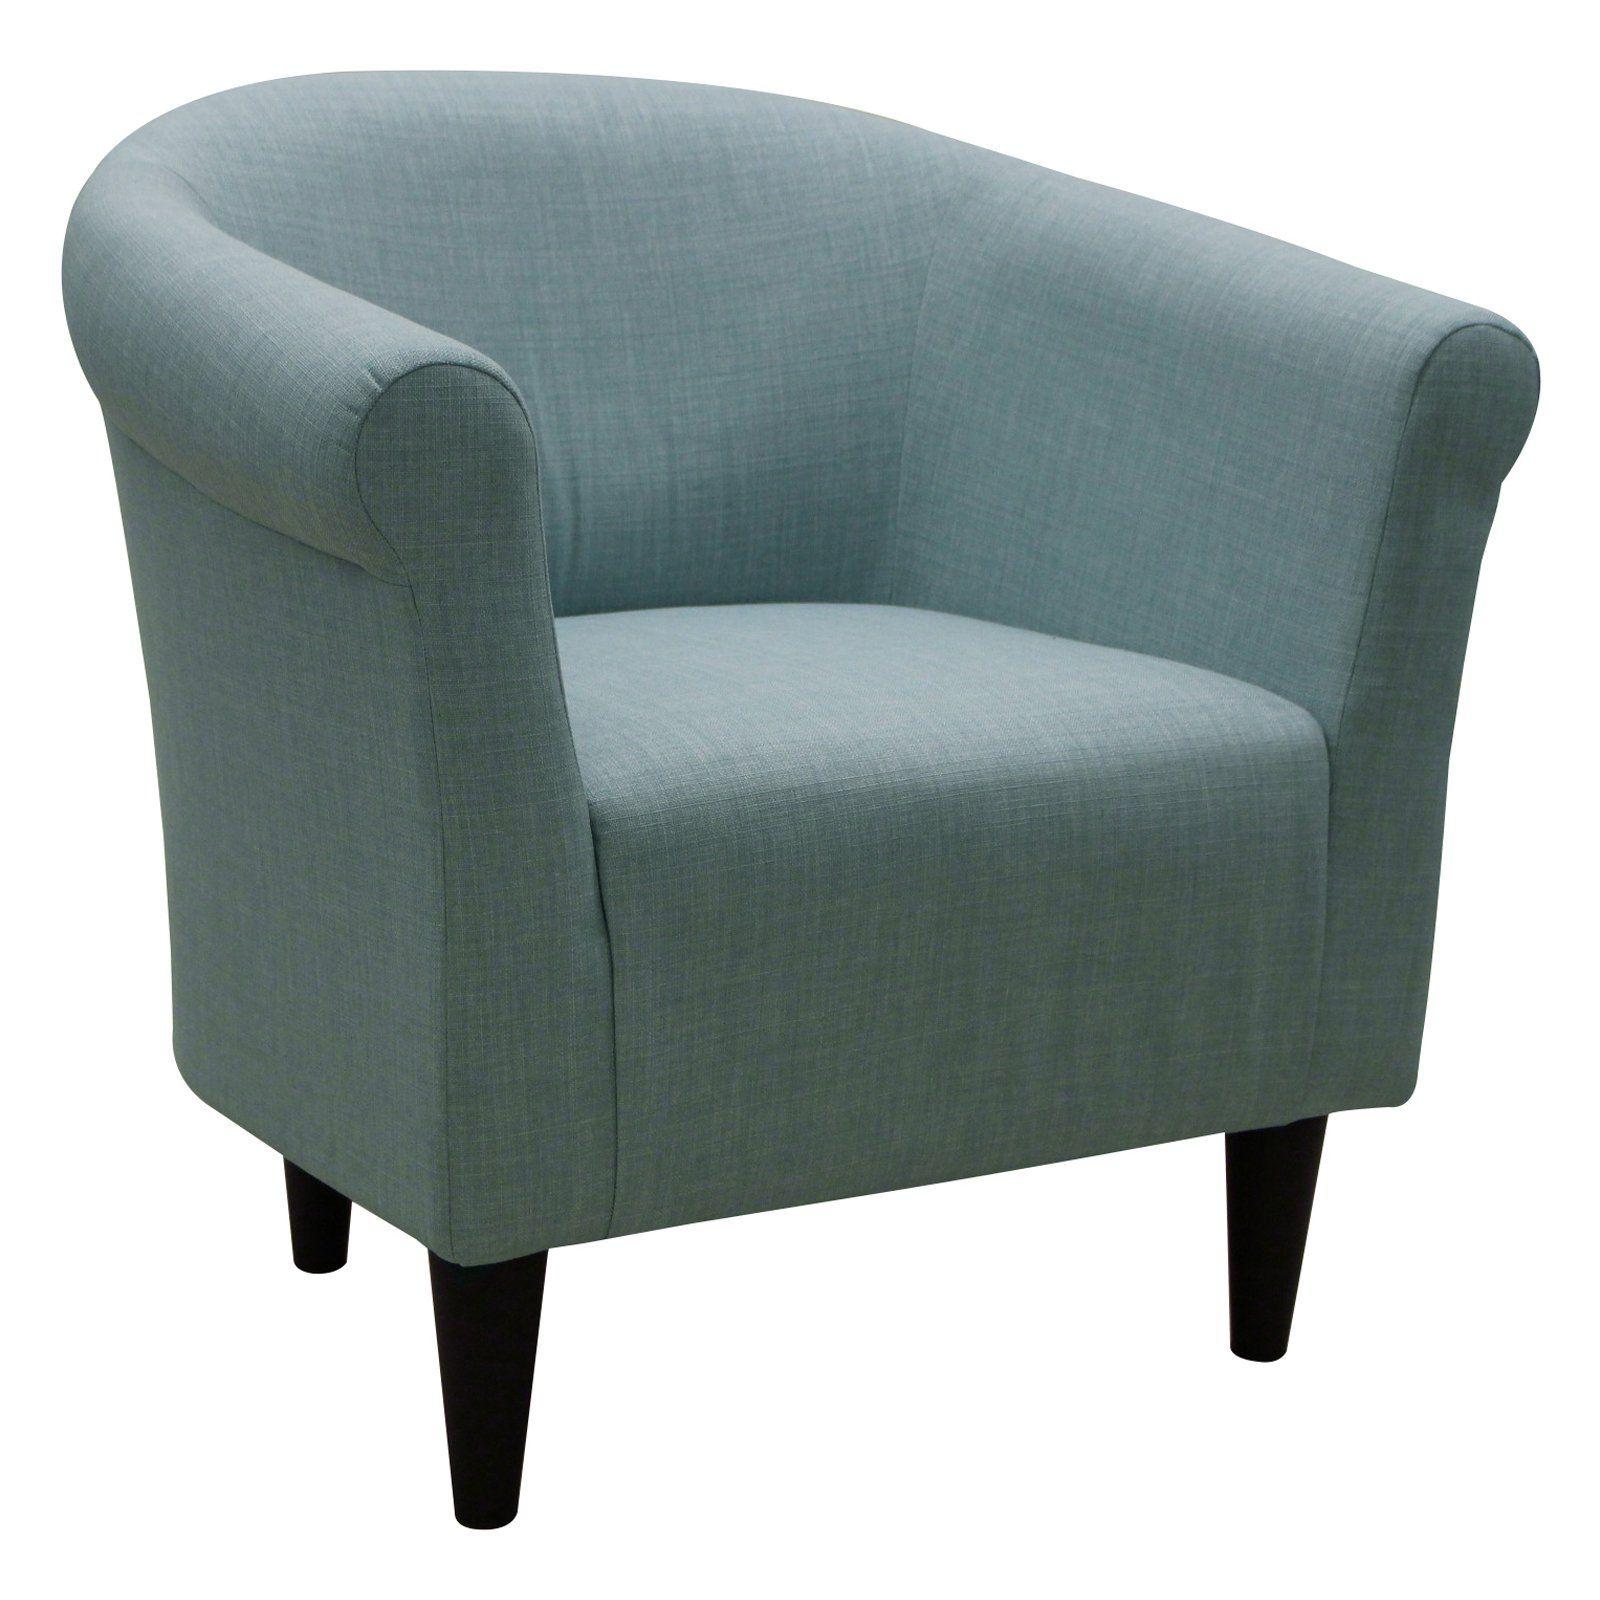 Beau Fox Hill Trading Savannah Club Chair   UCH MRL BRI1